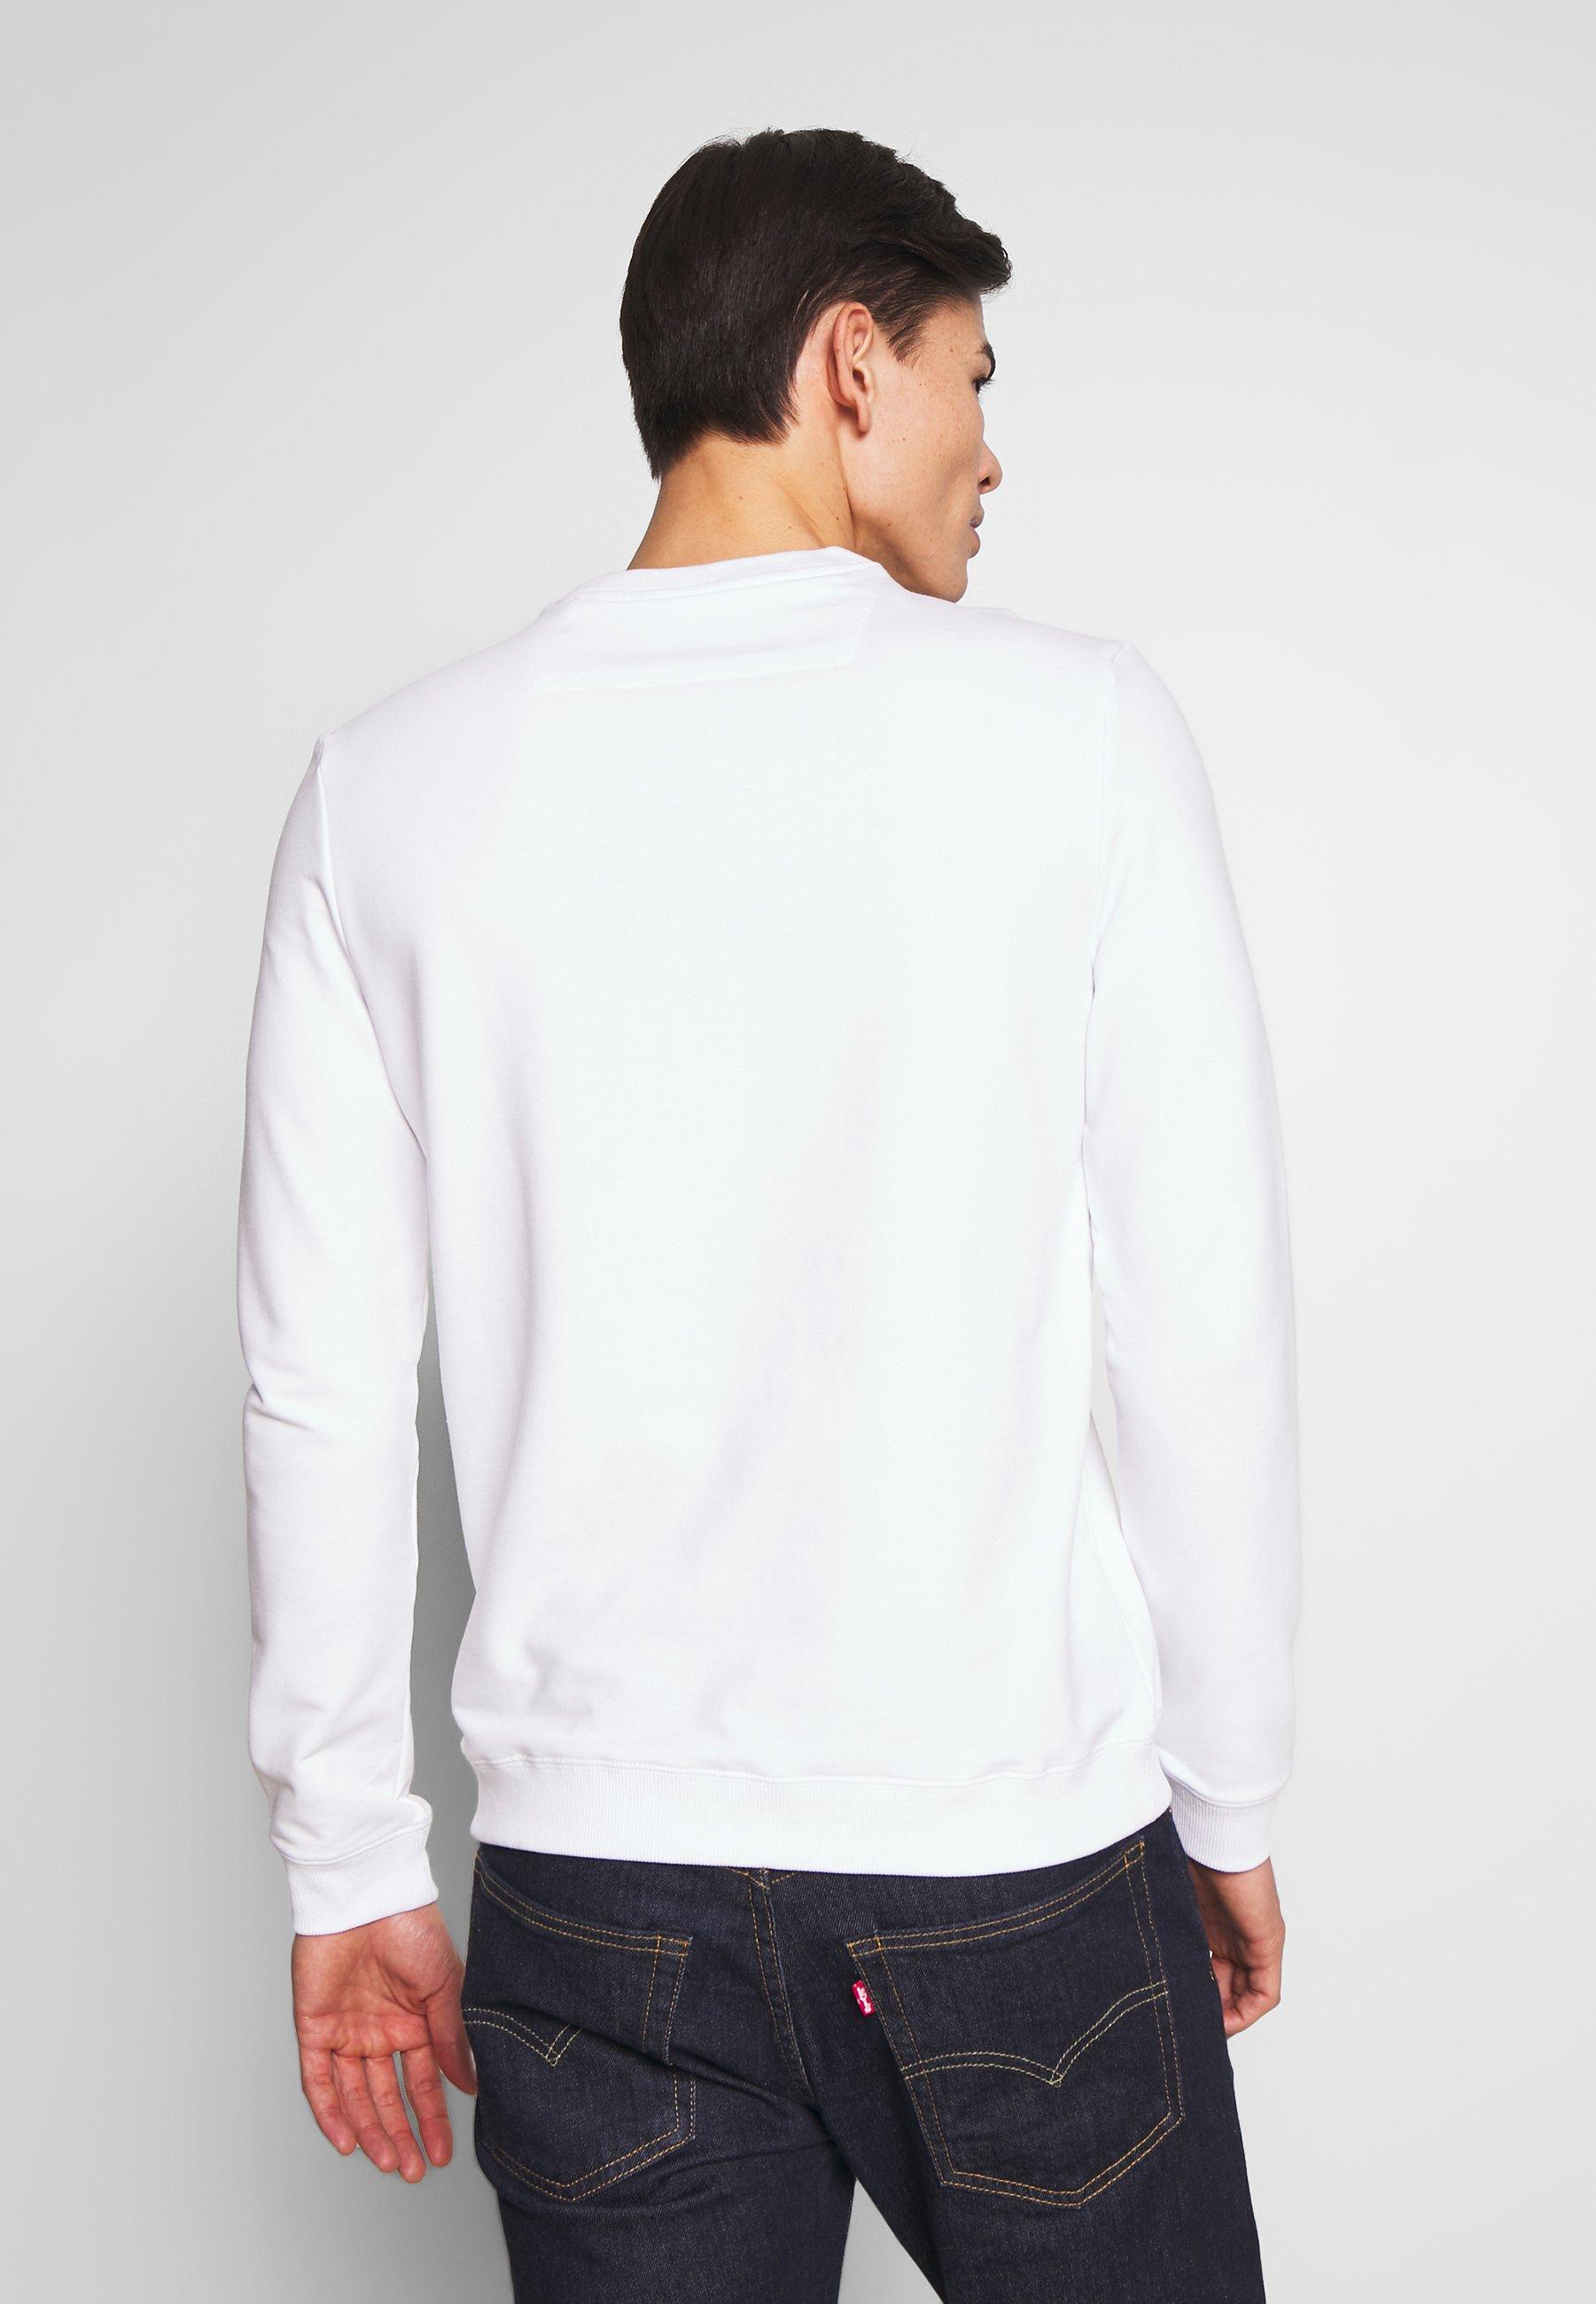 Alkuperäinen Miesten vaatteet Sarja dfKJIUp97454sfGHYHD Guess AUDLEY Collegepaita blanc pur